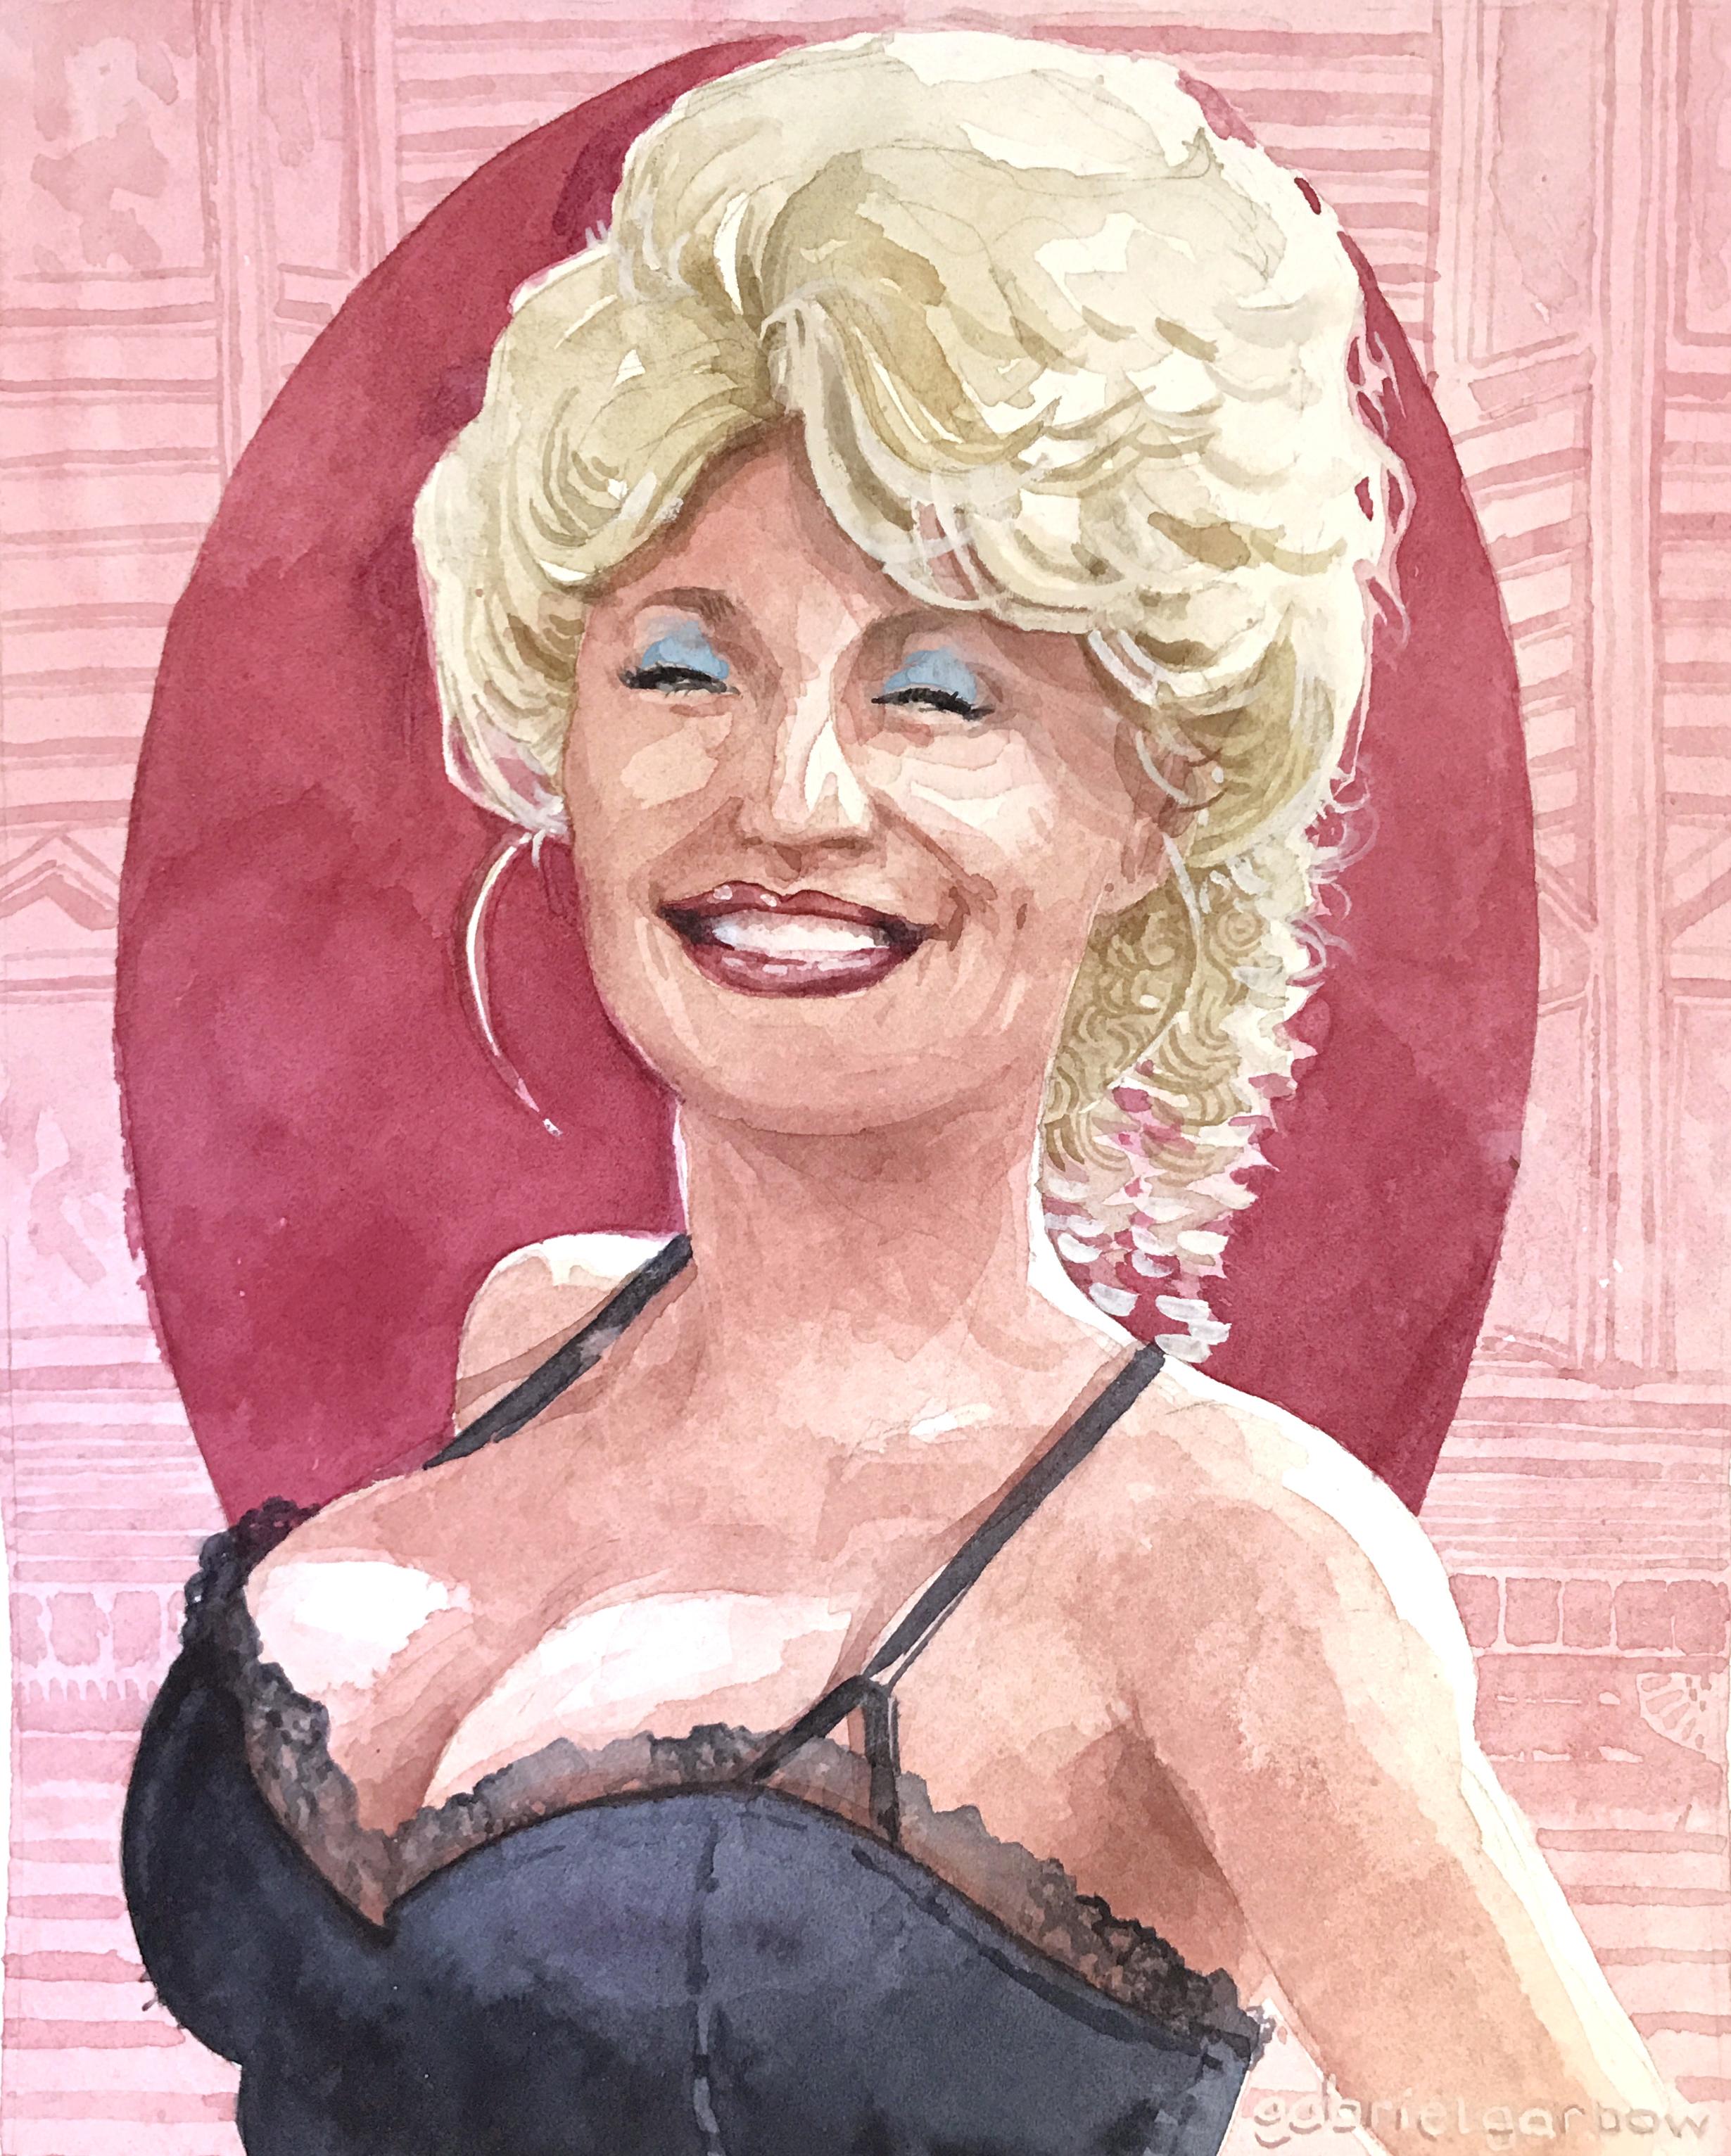 Best Little Whorehouse Dolly.jpg